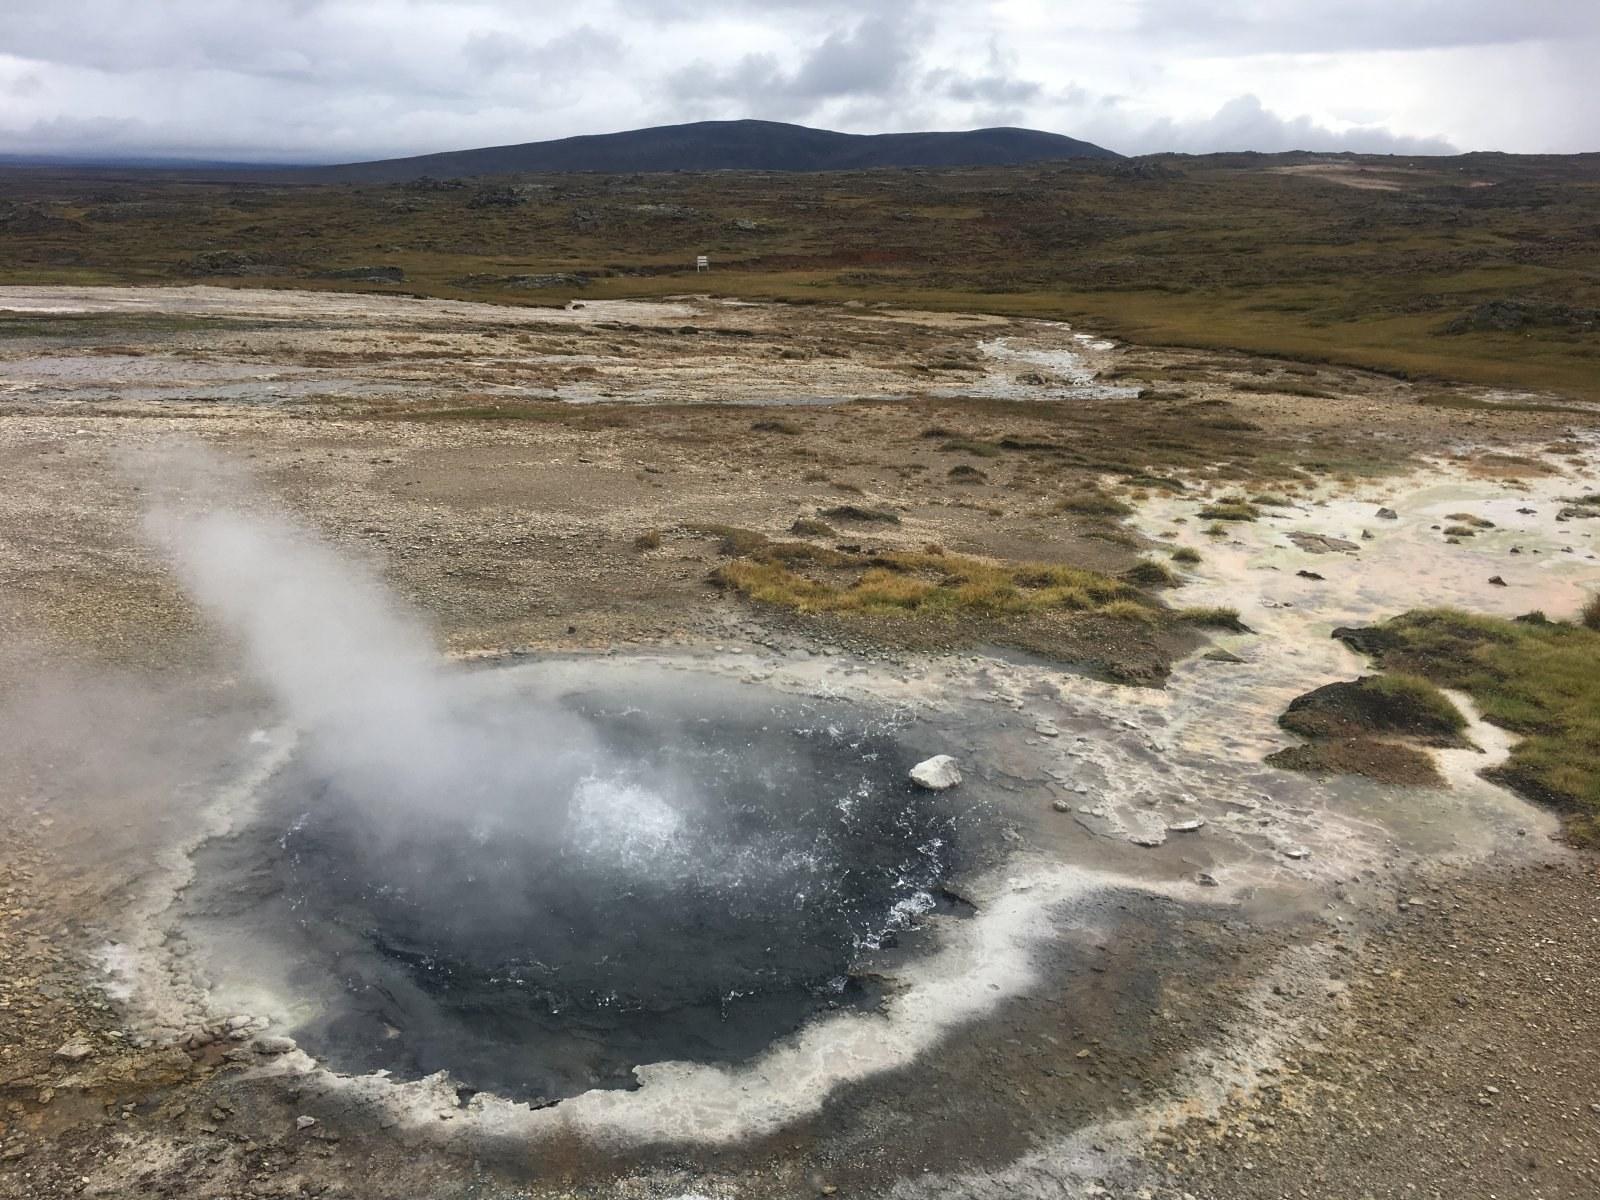 Термальная долина в Исландии, фото Стасмир, photo Stasmir